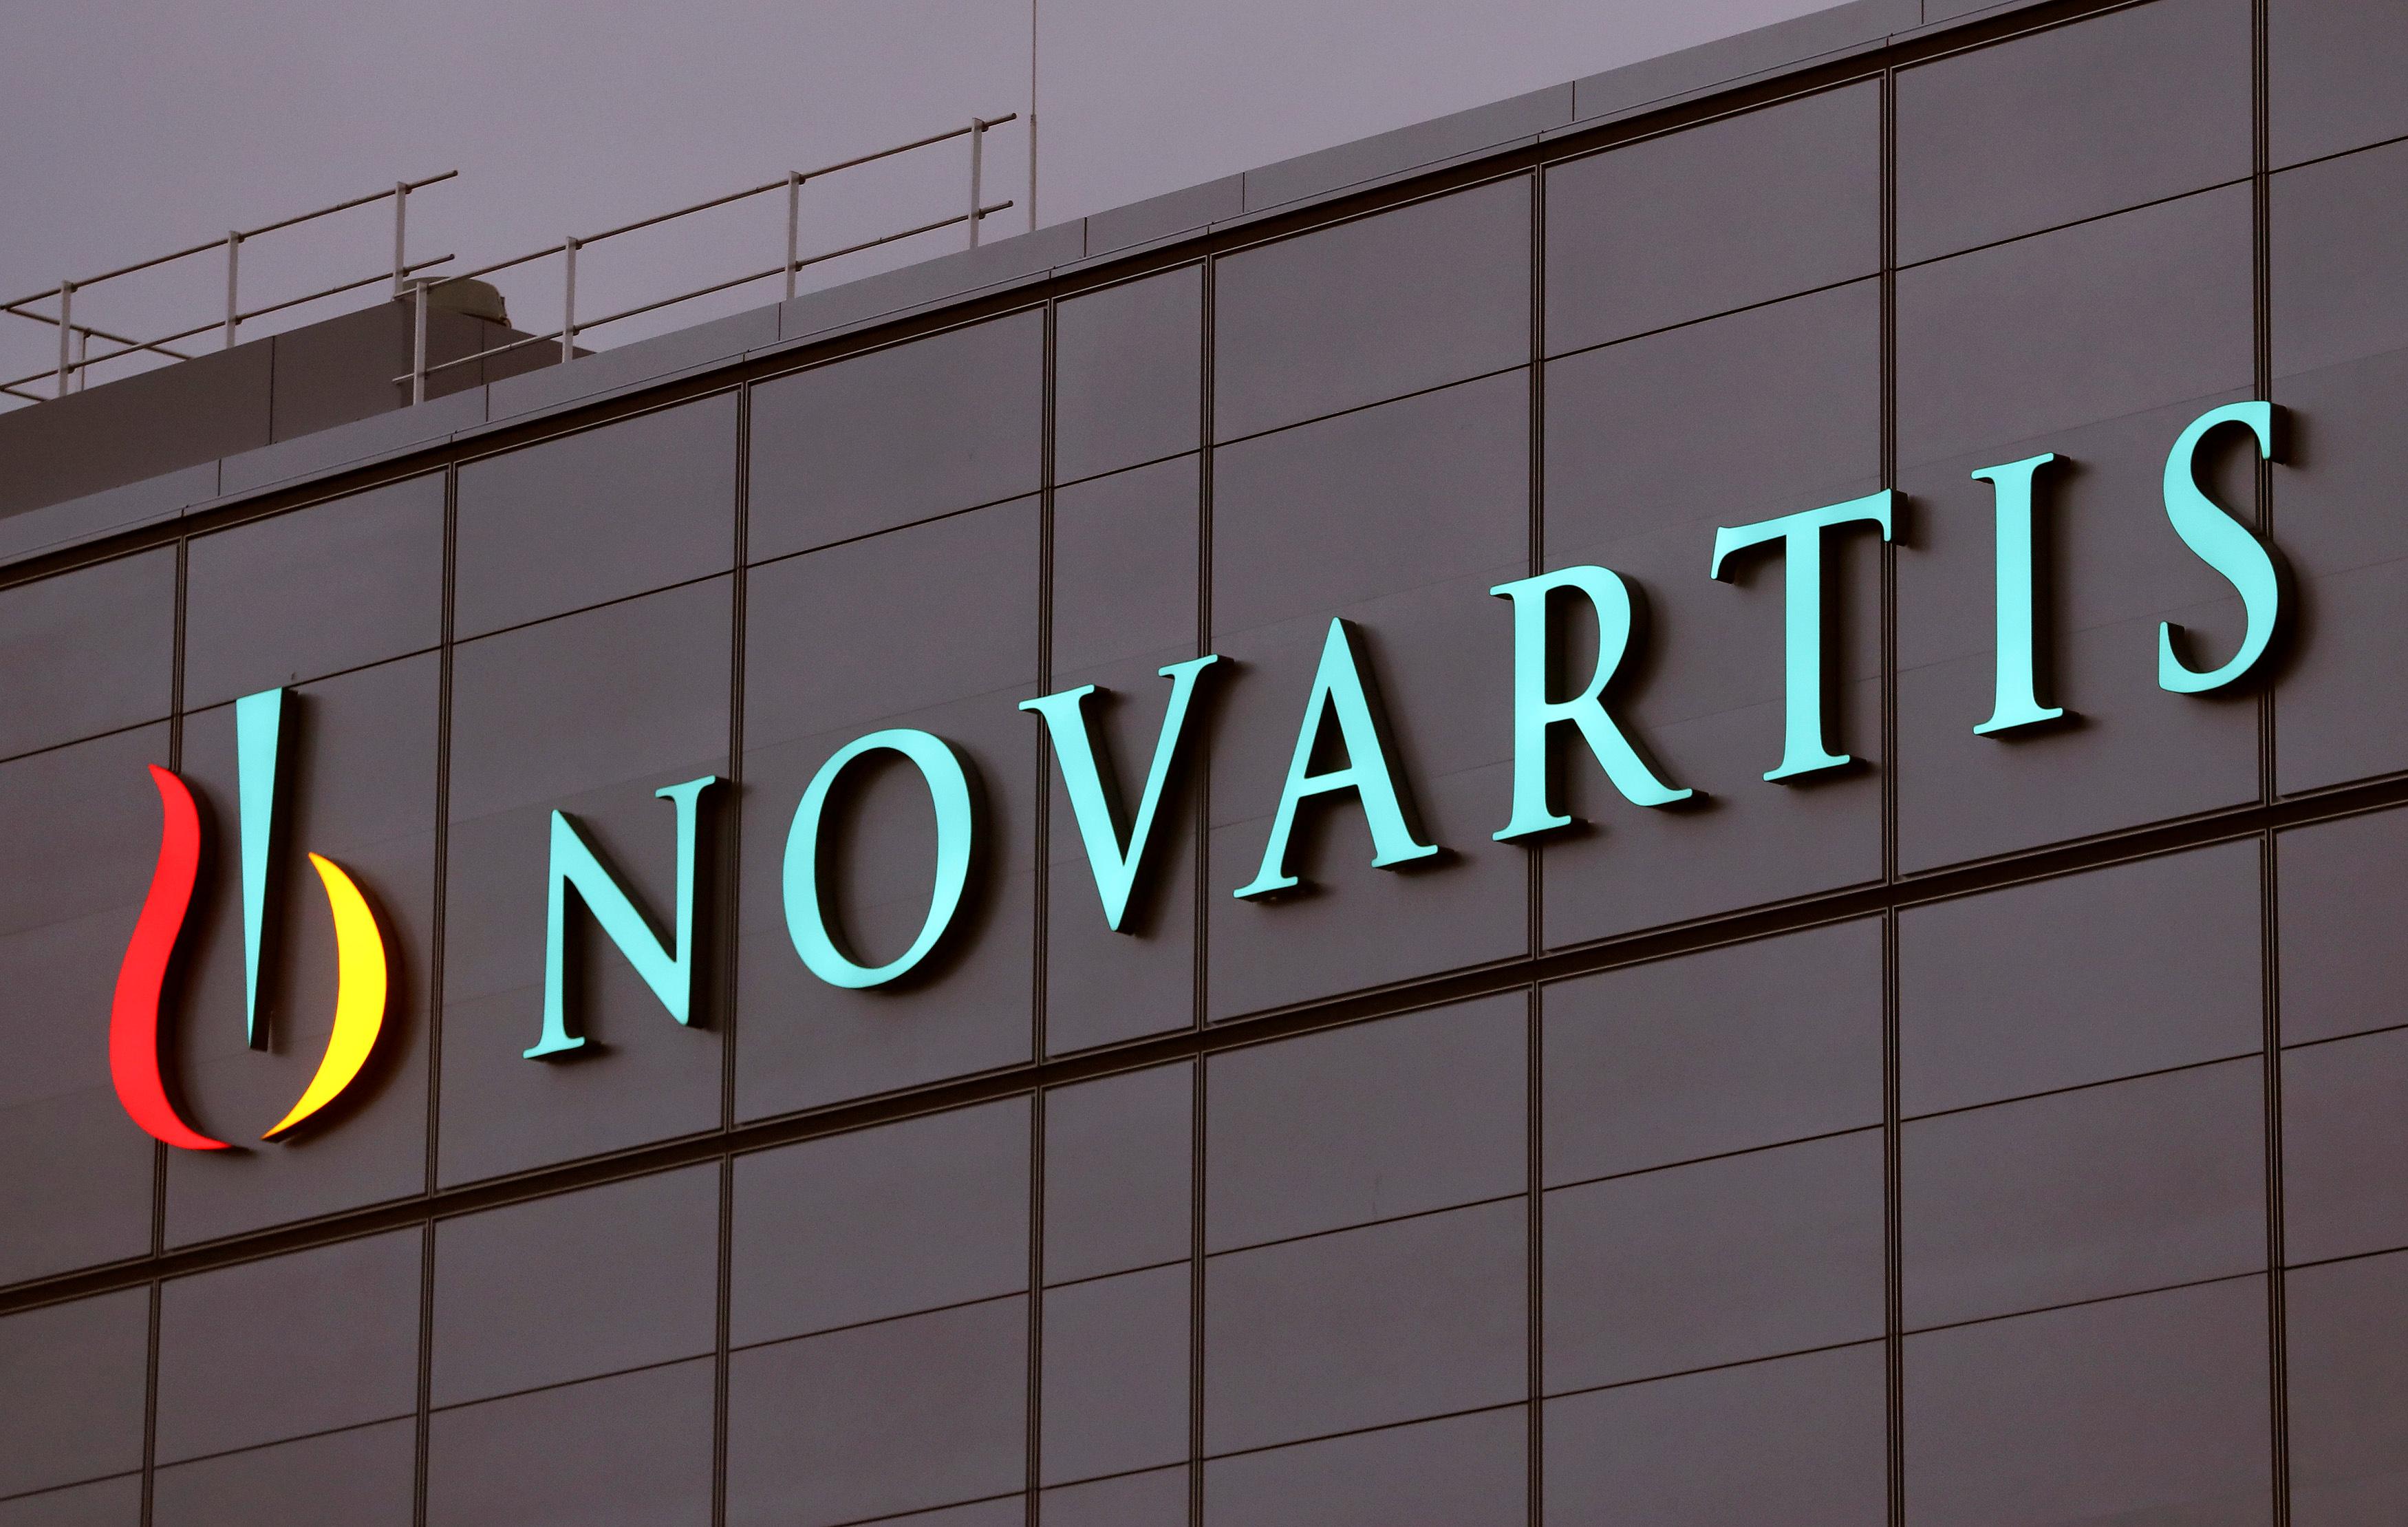 Trennung von Novartis kommt Augenheilkonzern Alcon teuer zu stehen